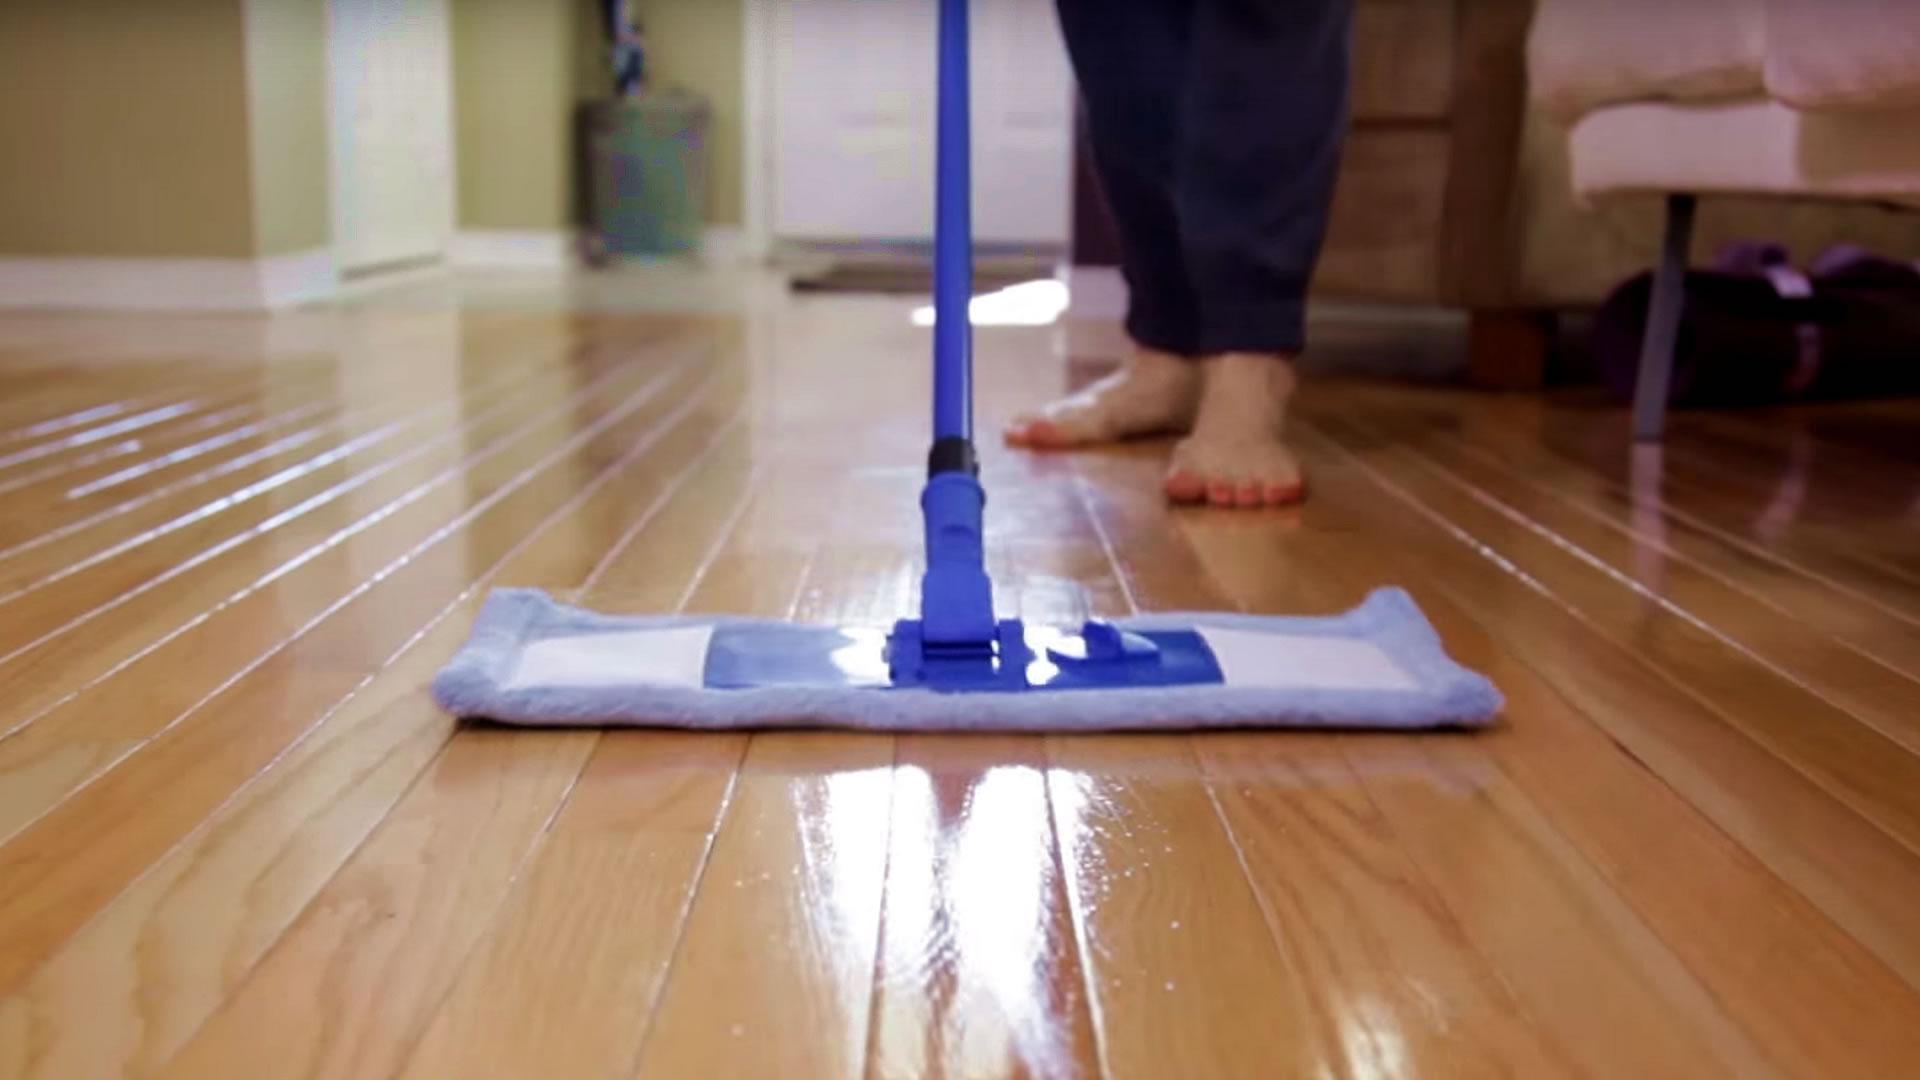 شركات تنظيف المنازل في ابوظبي